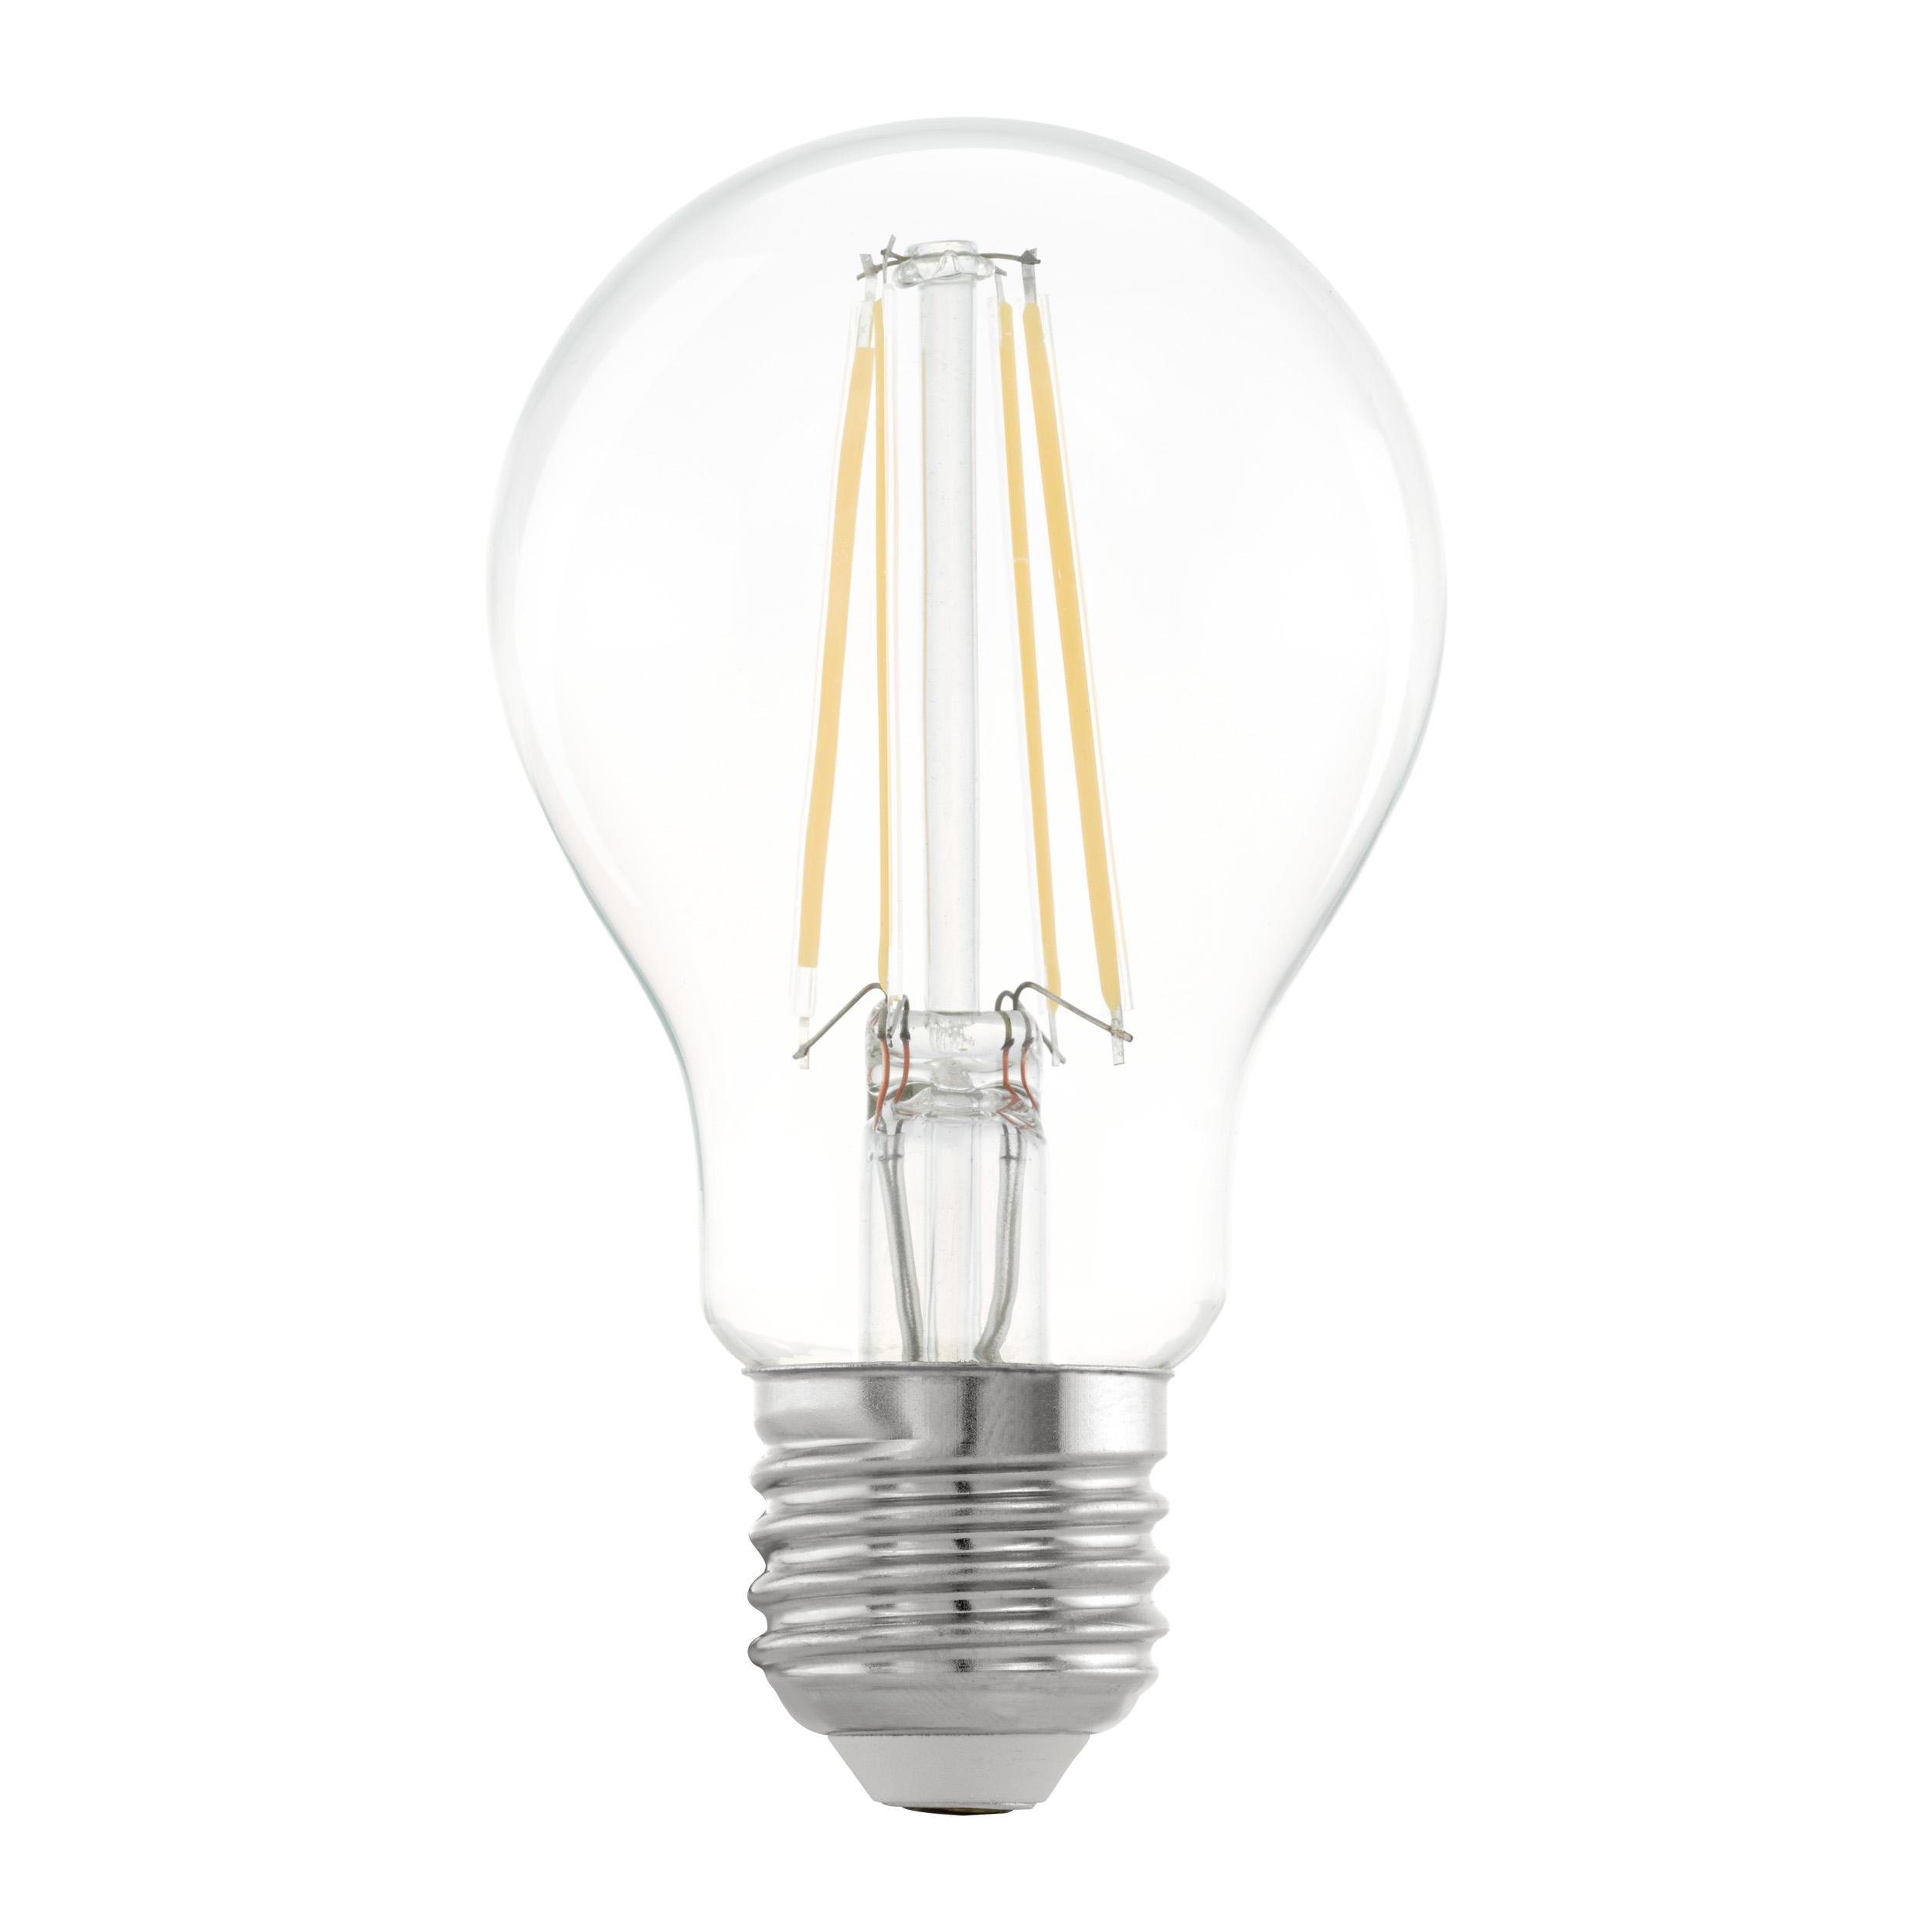 1 Stk E27-LED A60 6W 2700  LI69207---